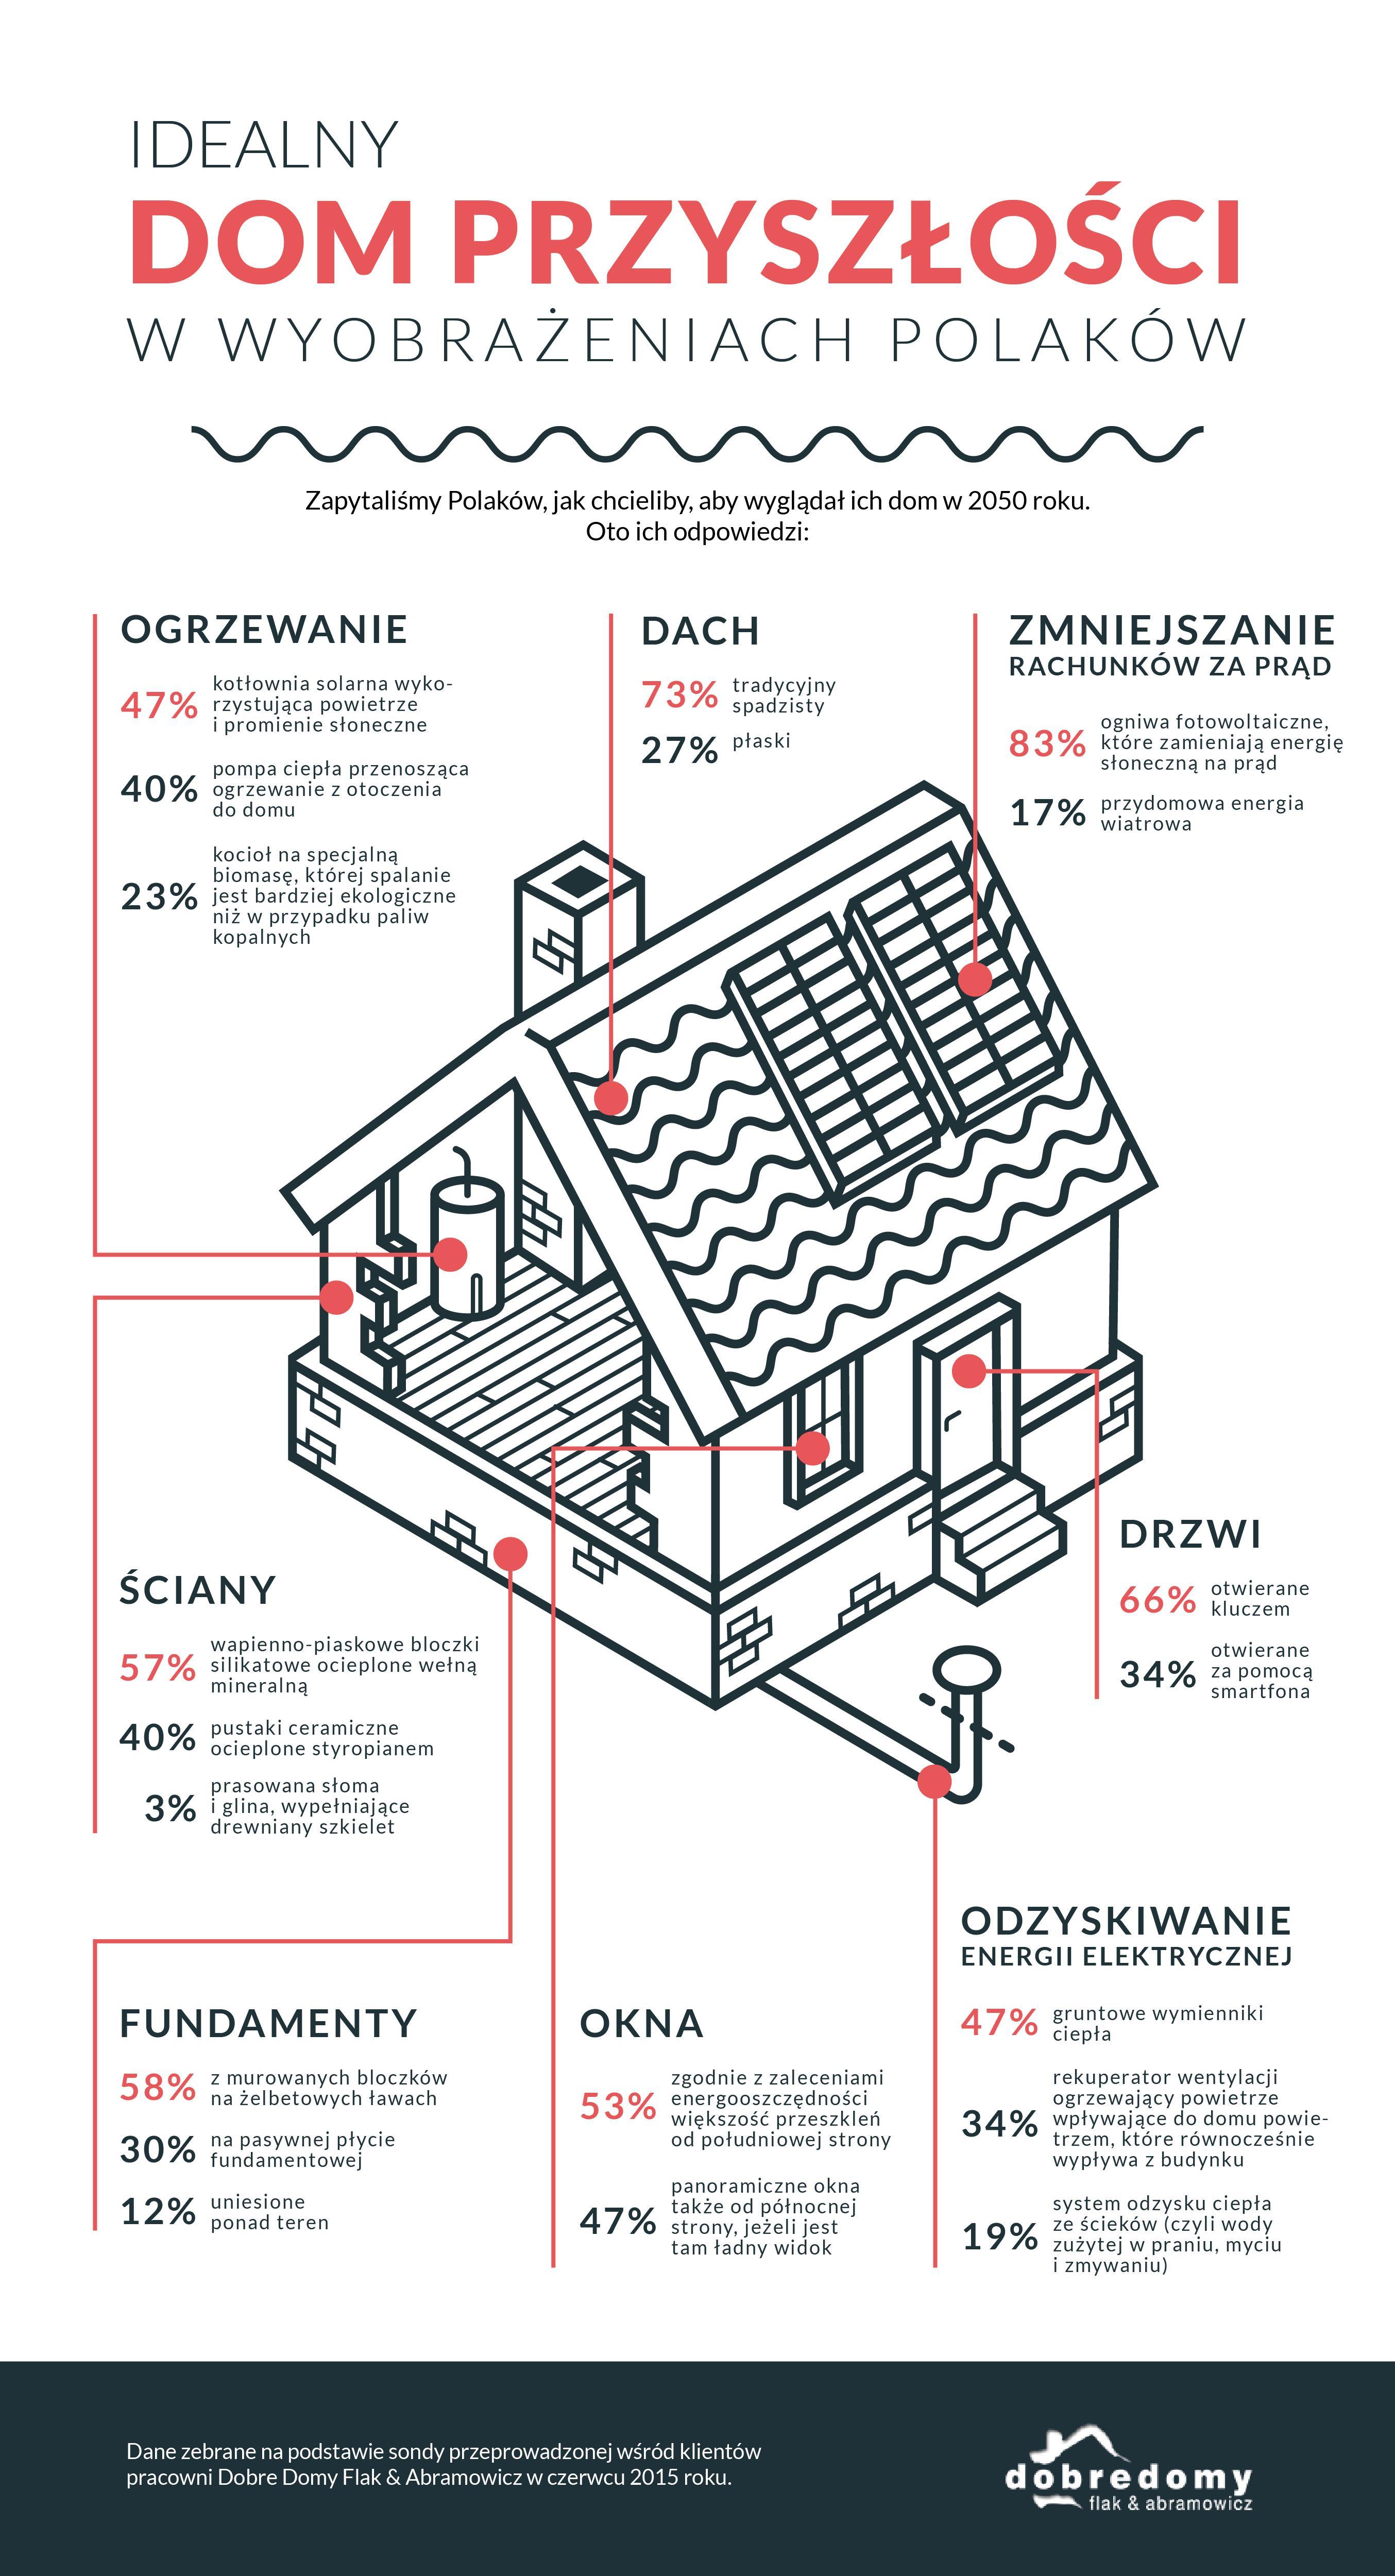 Jakie będą nasze domy przyszłości? [INFOGRAFIKA]